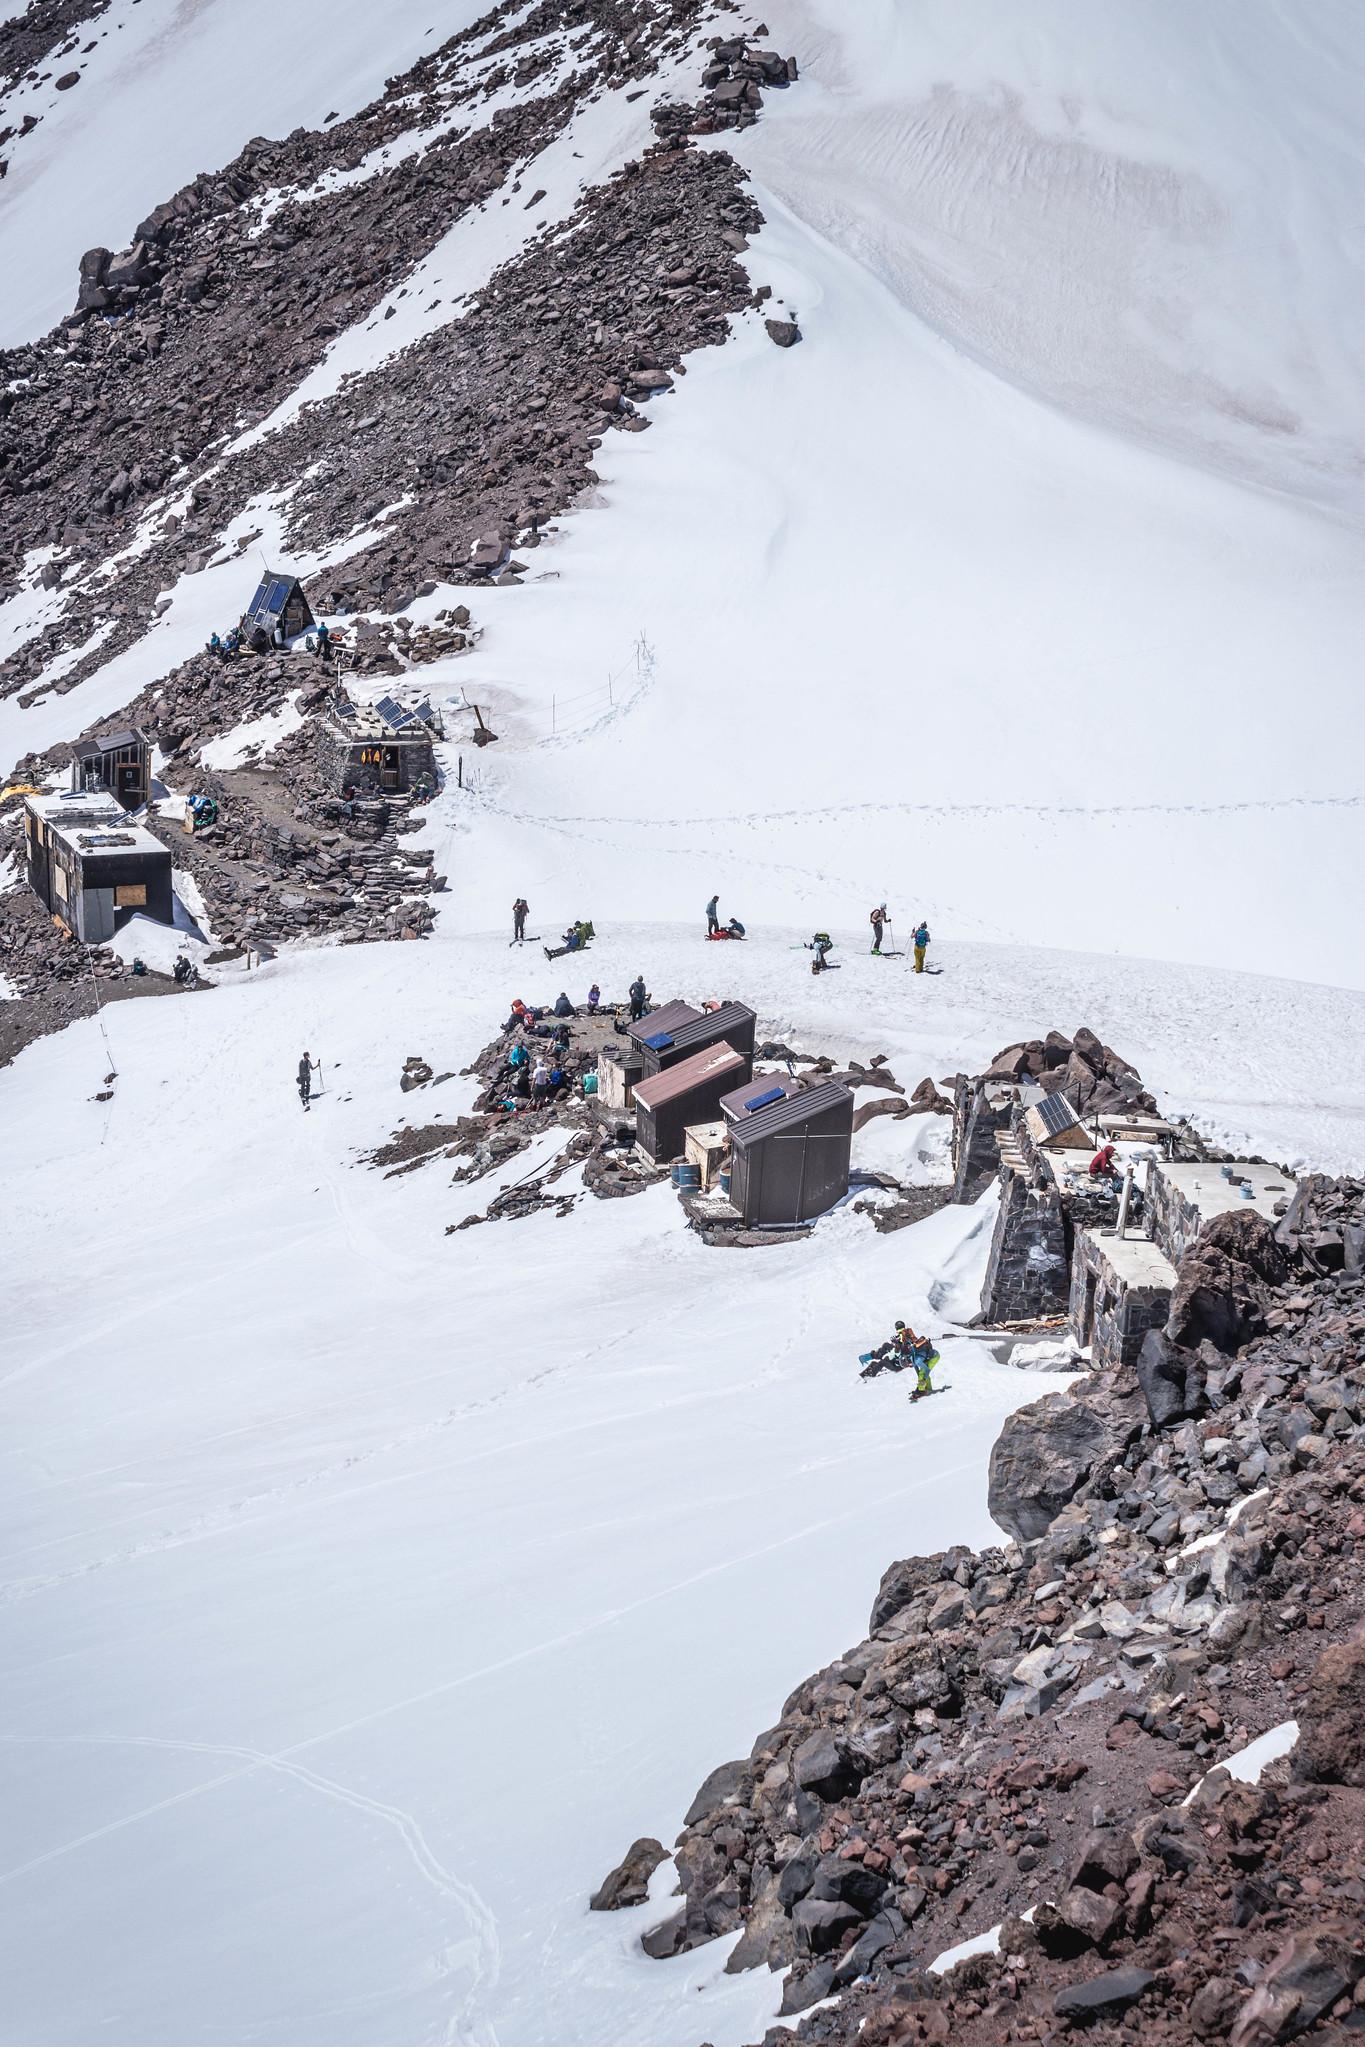 Camp Muir below Muir Peak